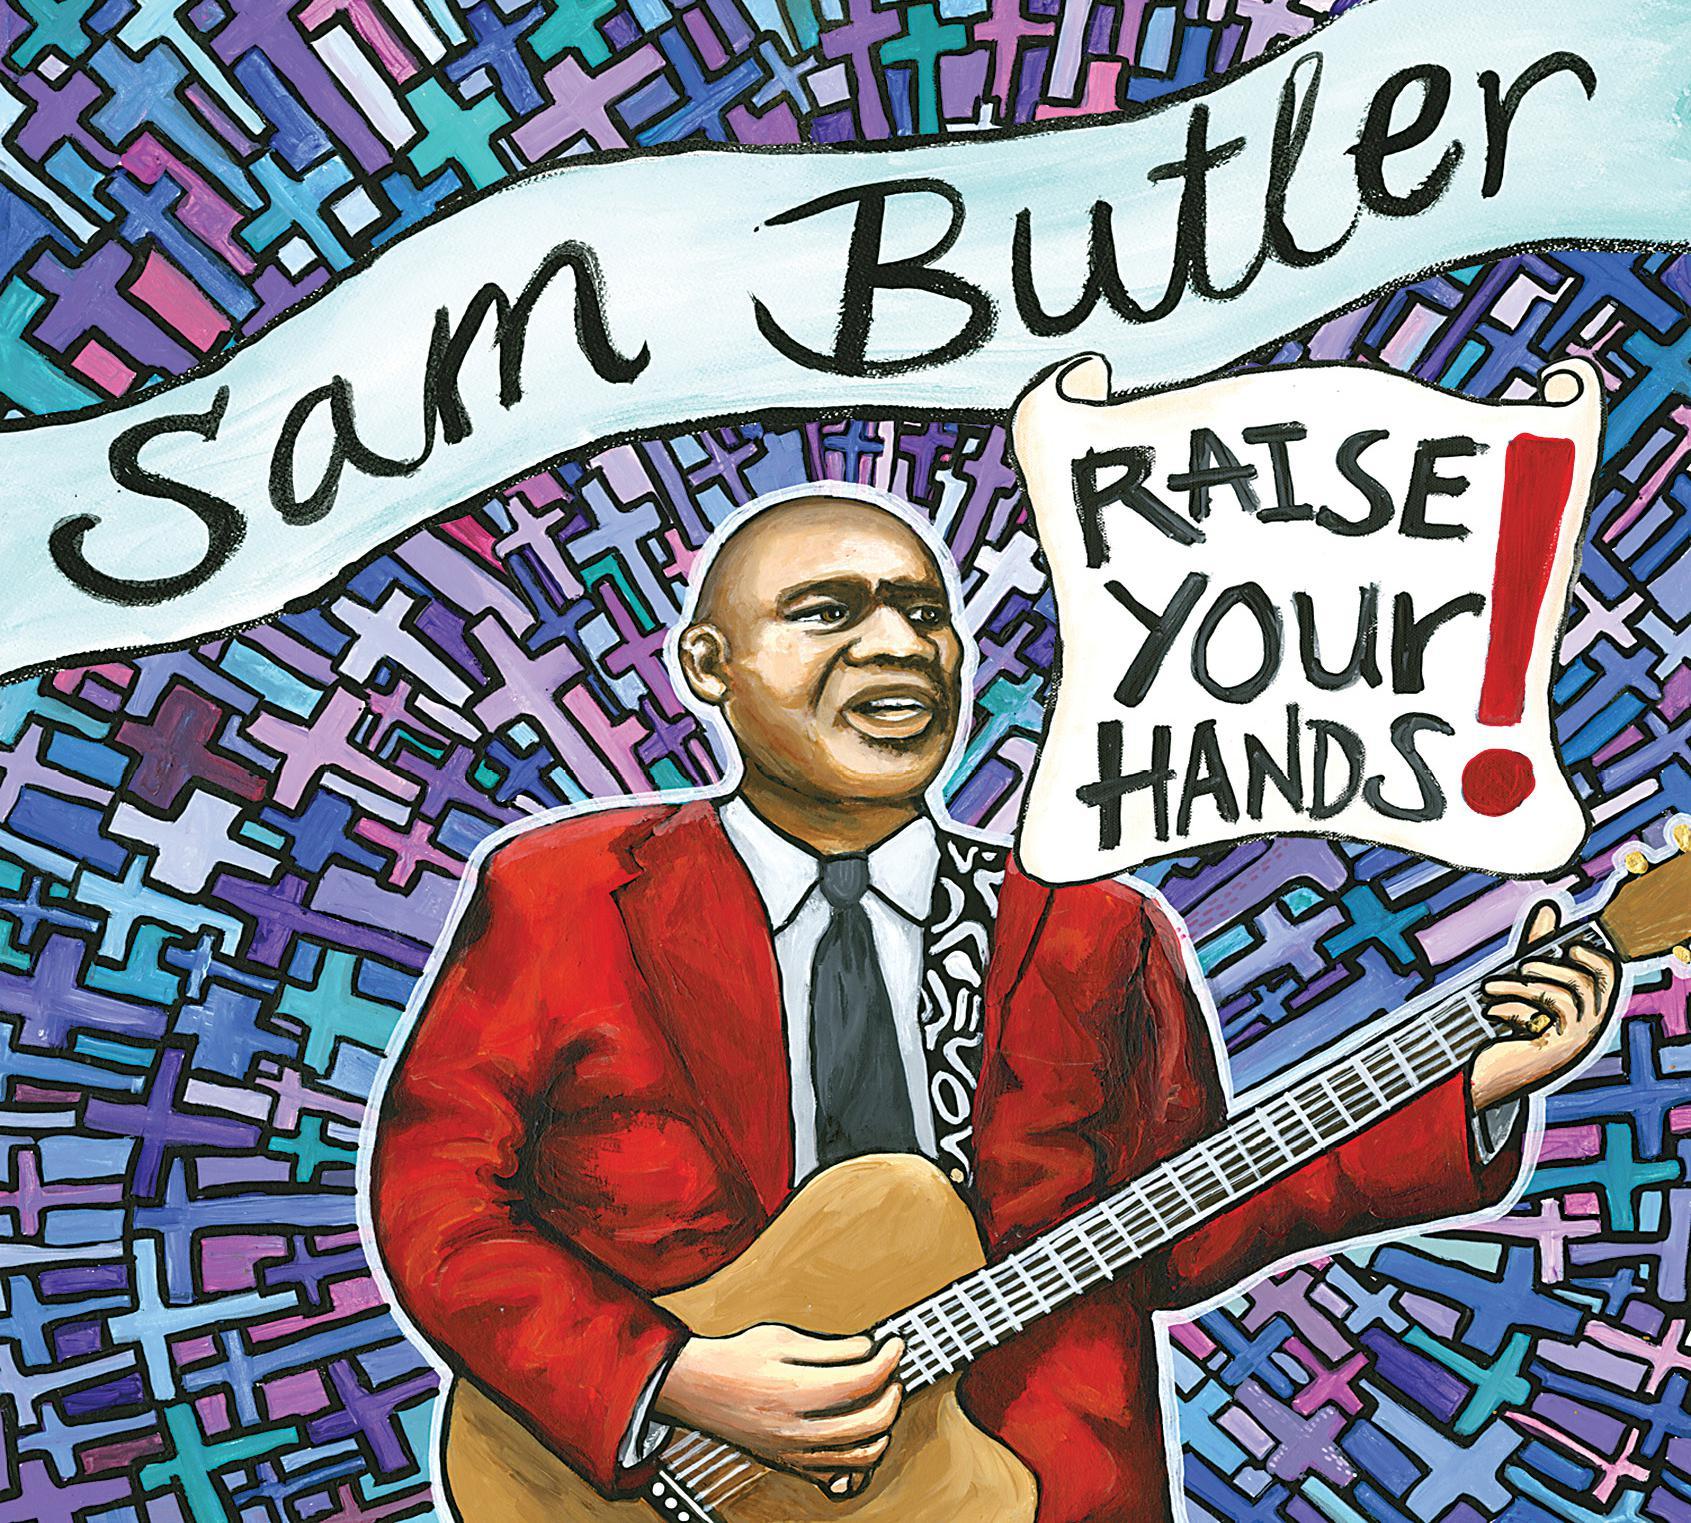 Sam Butler